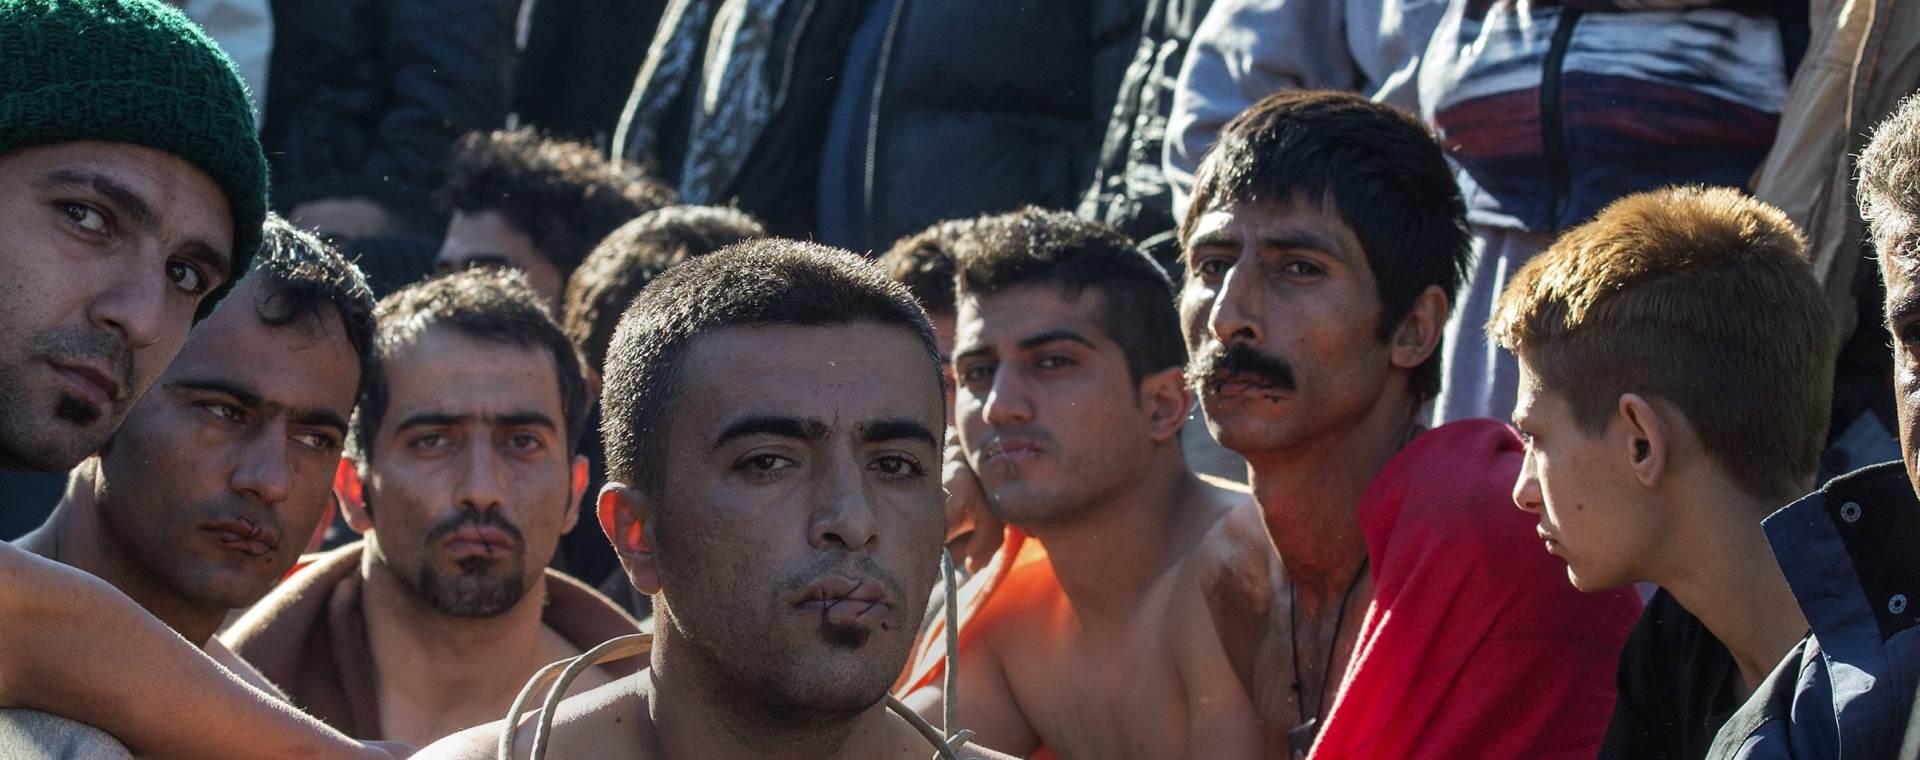 """NEZADOVOLJNI """"FILTRIRANJEM"""": Migranti blokirali željeznički promet na grčkoj granici s Makedonijom"""